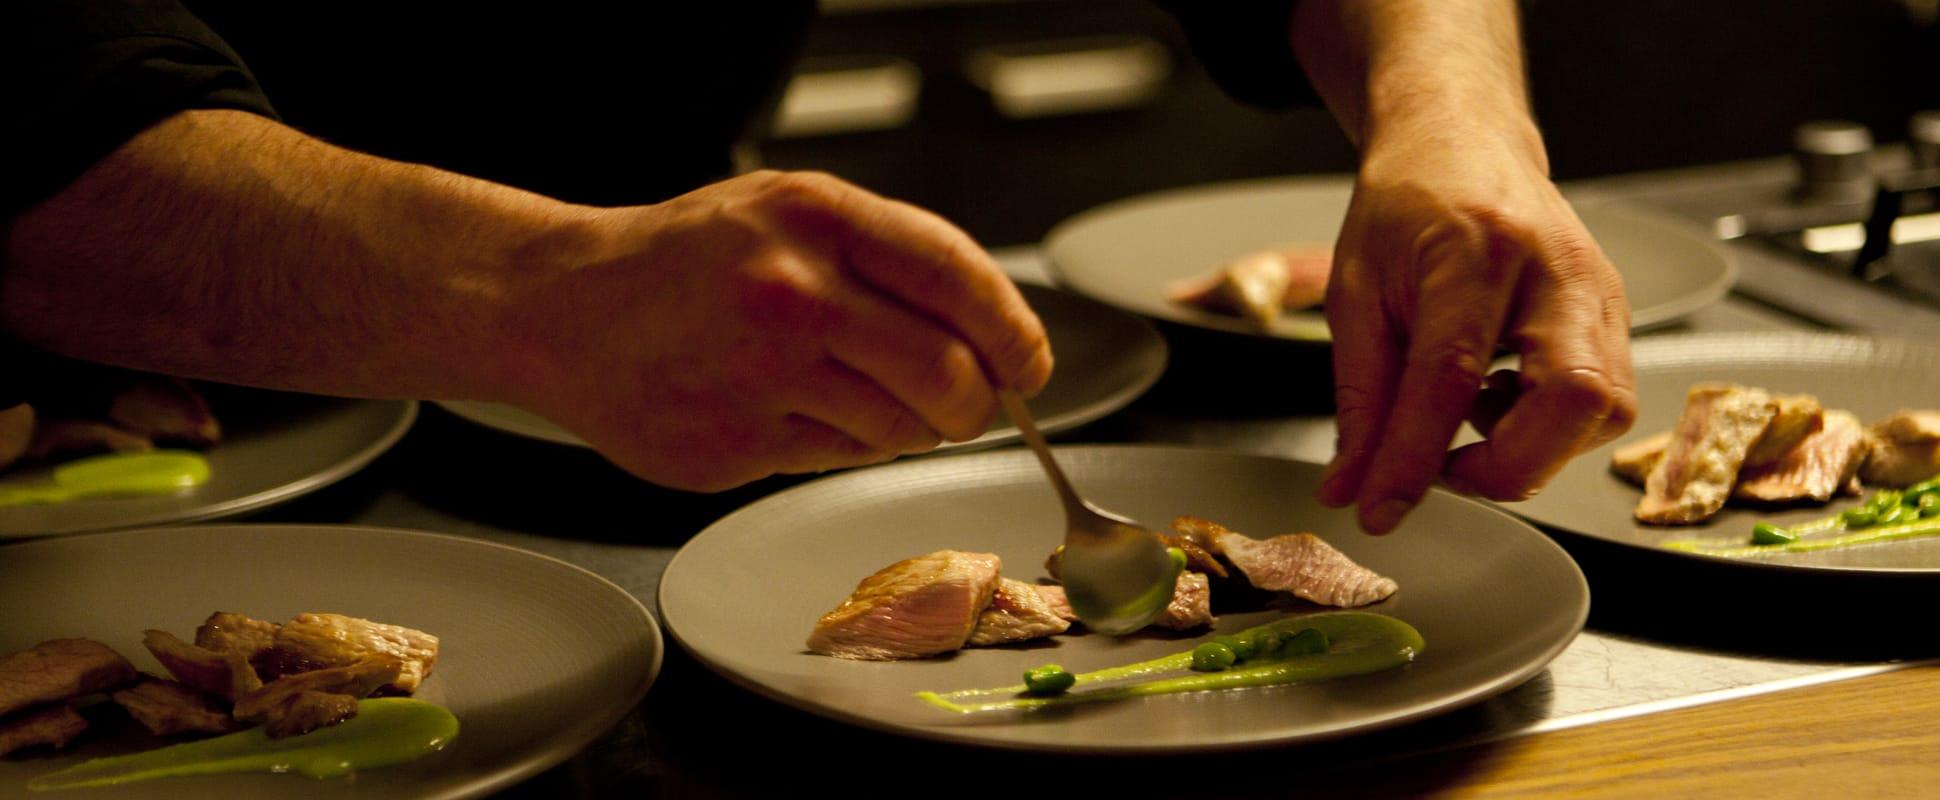 Cook&Taste - Xef a Casa - Chef en Casa - Chef At Home